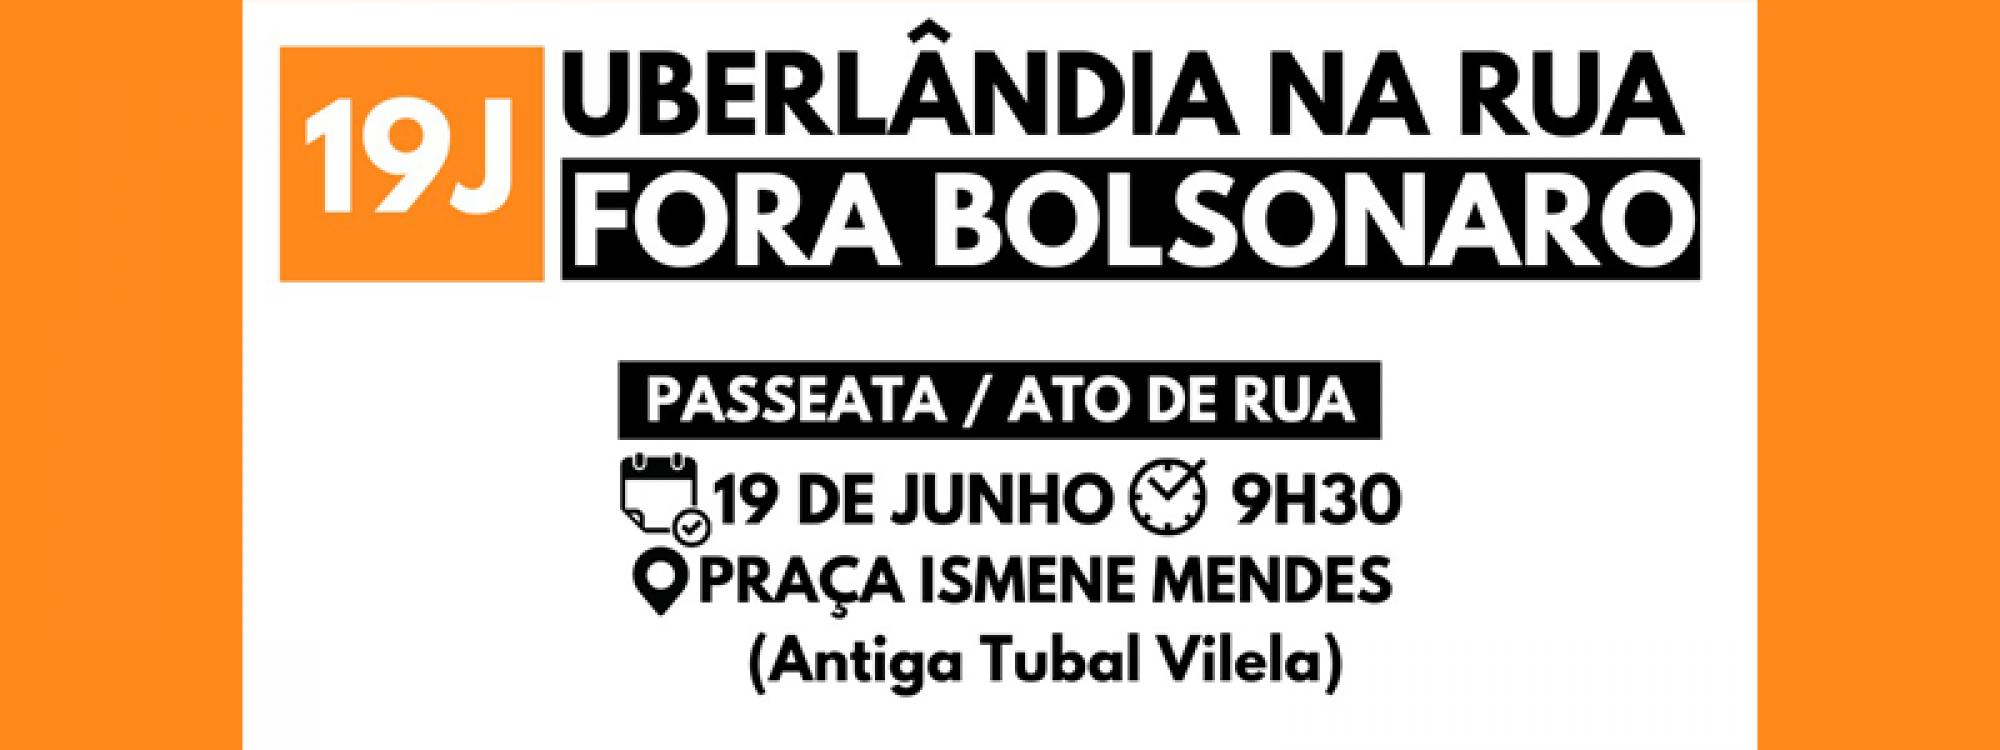 19J: Passeata em Uberlândia pelo Fora Bolsonaro ocorre neste sábado